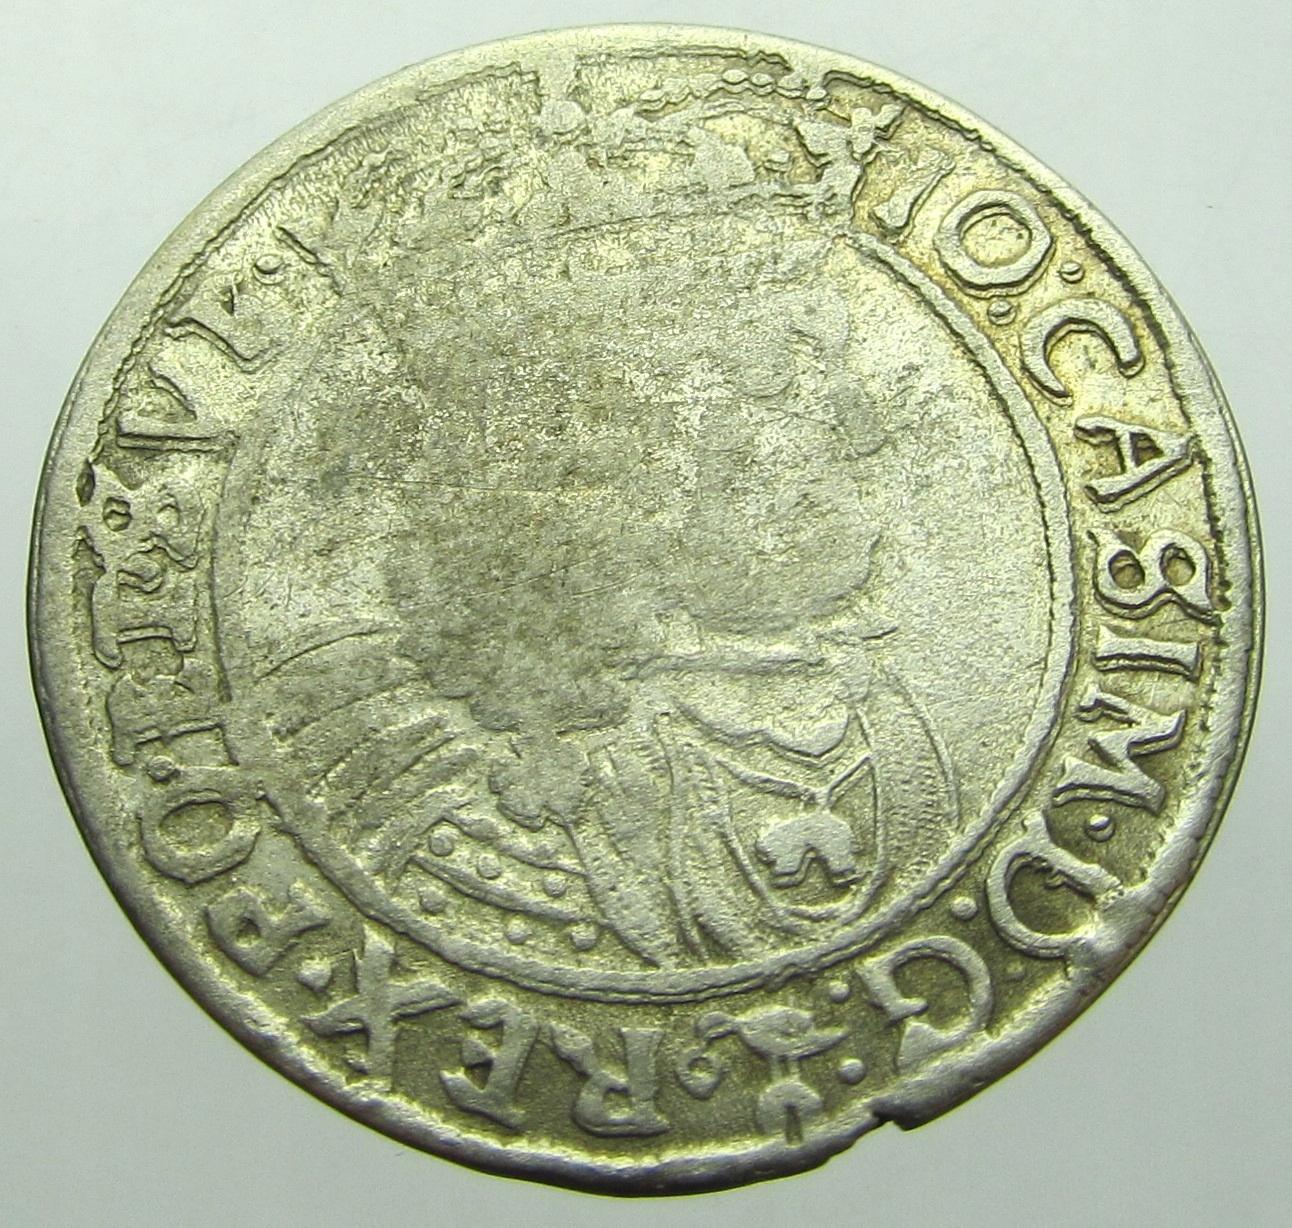 Jan Kazimierz Szóstak 1662 r. GBA Lwów